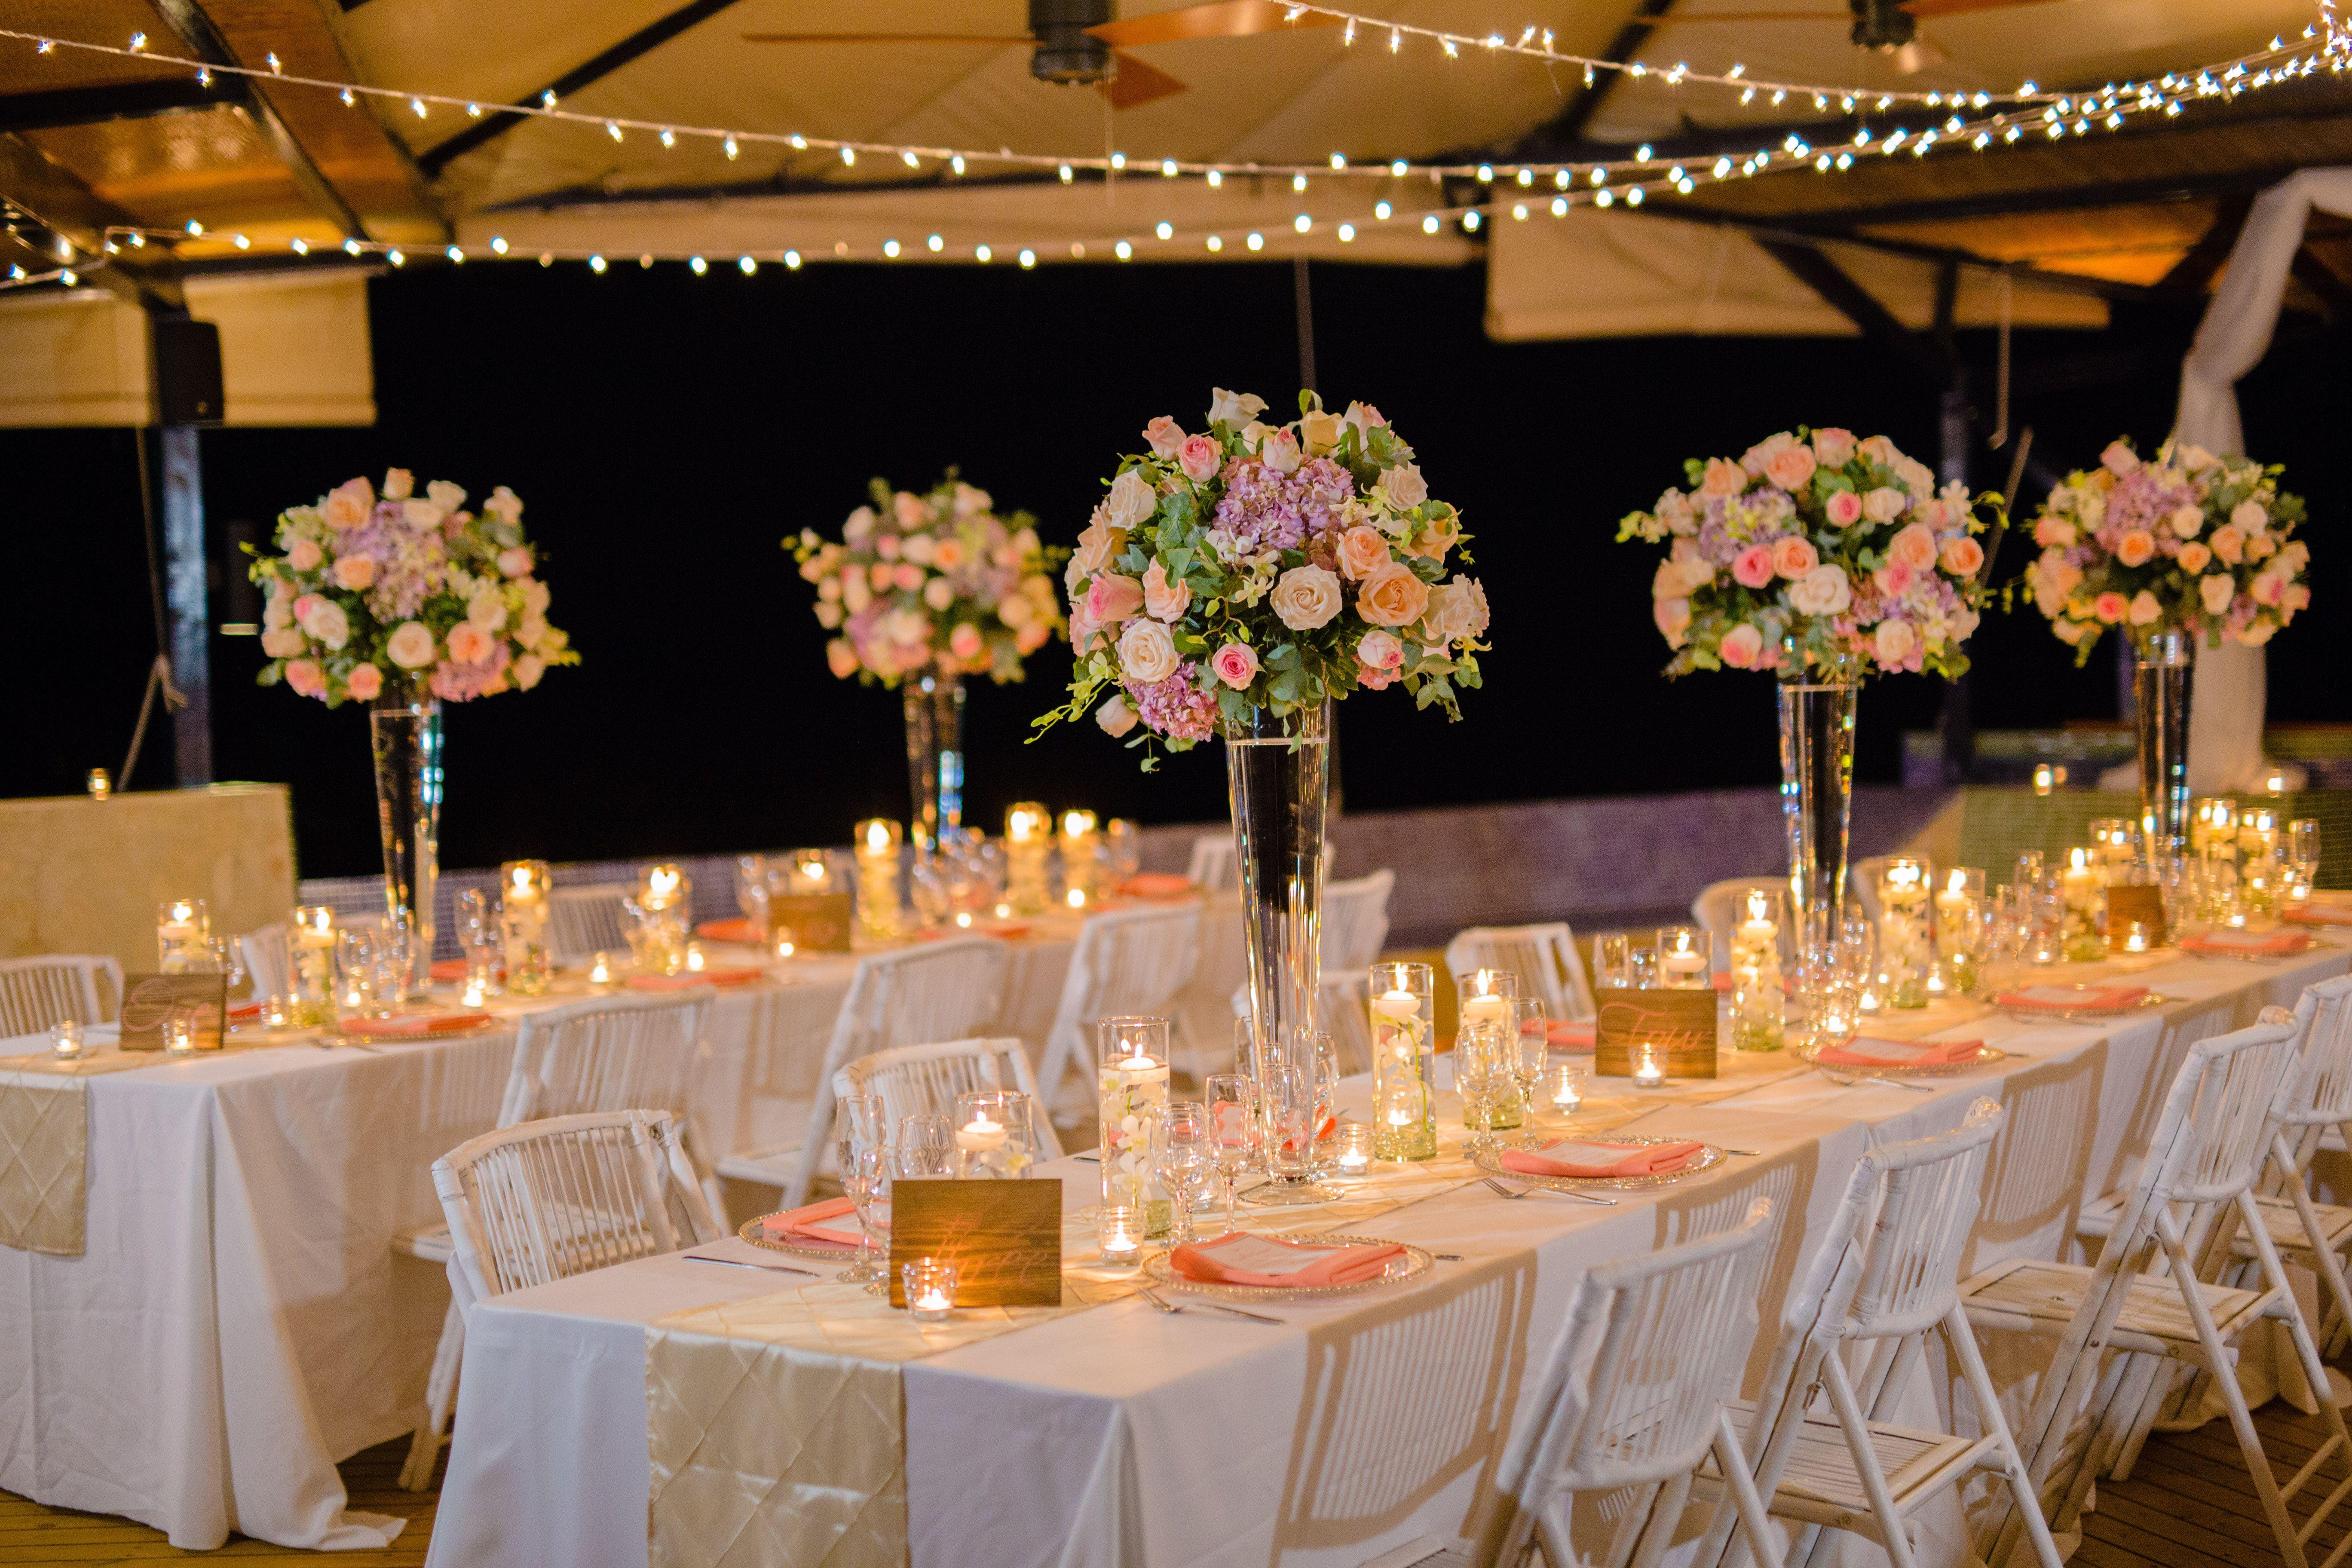 Pastel Colored Wedding Centerpieces Veenvendelbosch